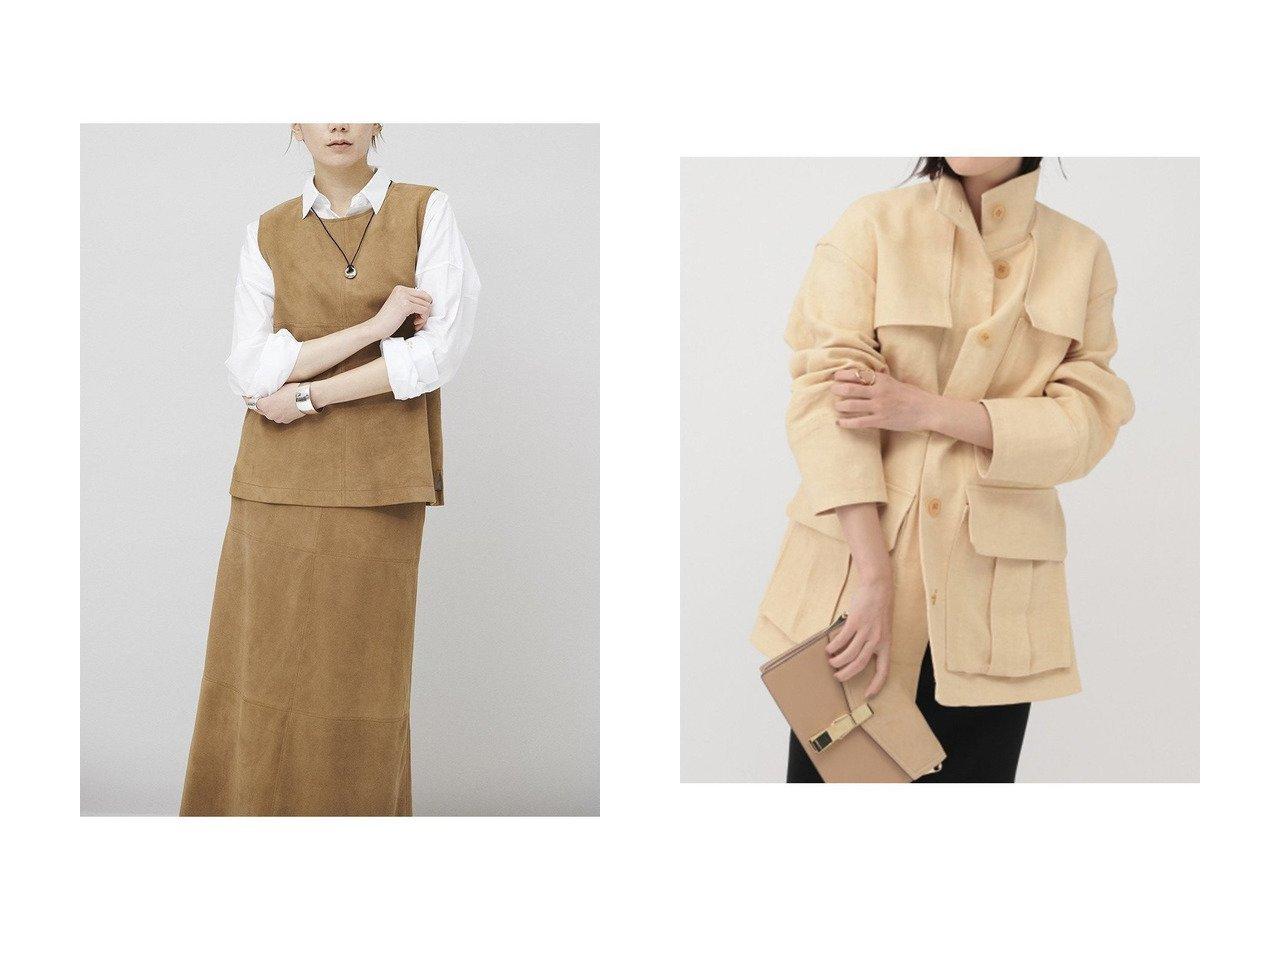 【Curensology/カレンソロジー】のスウェードベスト&【Chaos/カオス】のインセタブルゾン アウターのおすすめ!人気、トレンド・レディースファッションの通販 おすすめで人気の流行・トレンド、ファッションの通販商品 メンズファッション・キッズファッション・インテリア・家具・レディースファッション・服の通販 founy(ファニー) https://founy.com/ ファッション Fashion レディースファッション WOMEN アウター Coat Outerwear ジャケット Jackets ブルゾン Blouson Jackets 2021年 2021 2021 春夏 S/S SS Spring/Summer 2021 S/S 春夏 SS Spring/Summer シンプル ジャケット スエード スリット セットアップ ベスト 春 Spring |ID:crp329100000015379